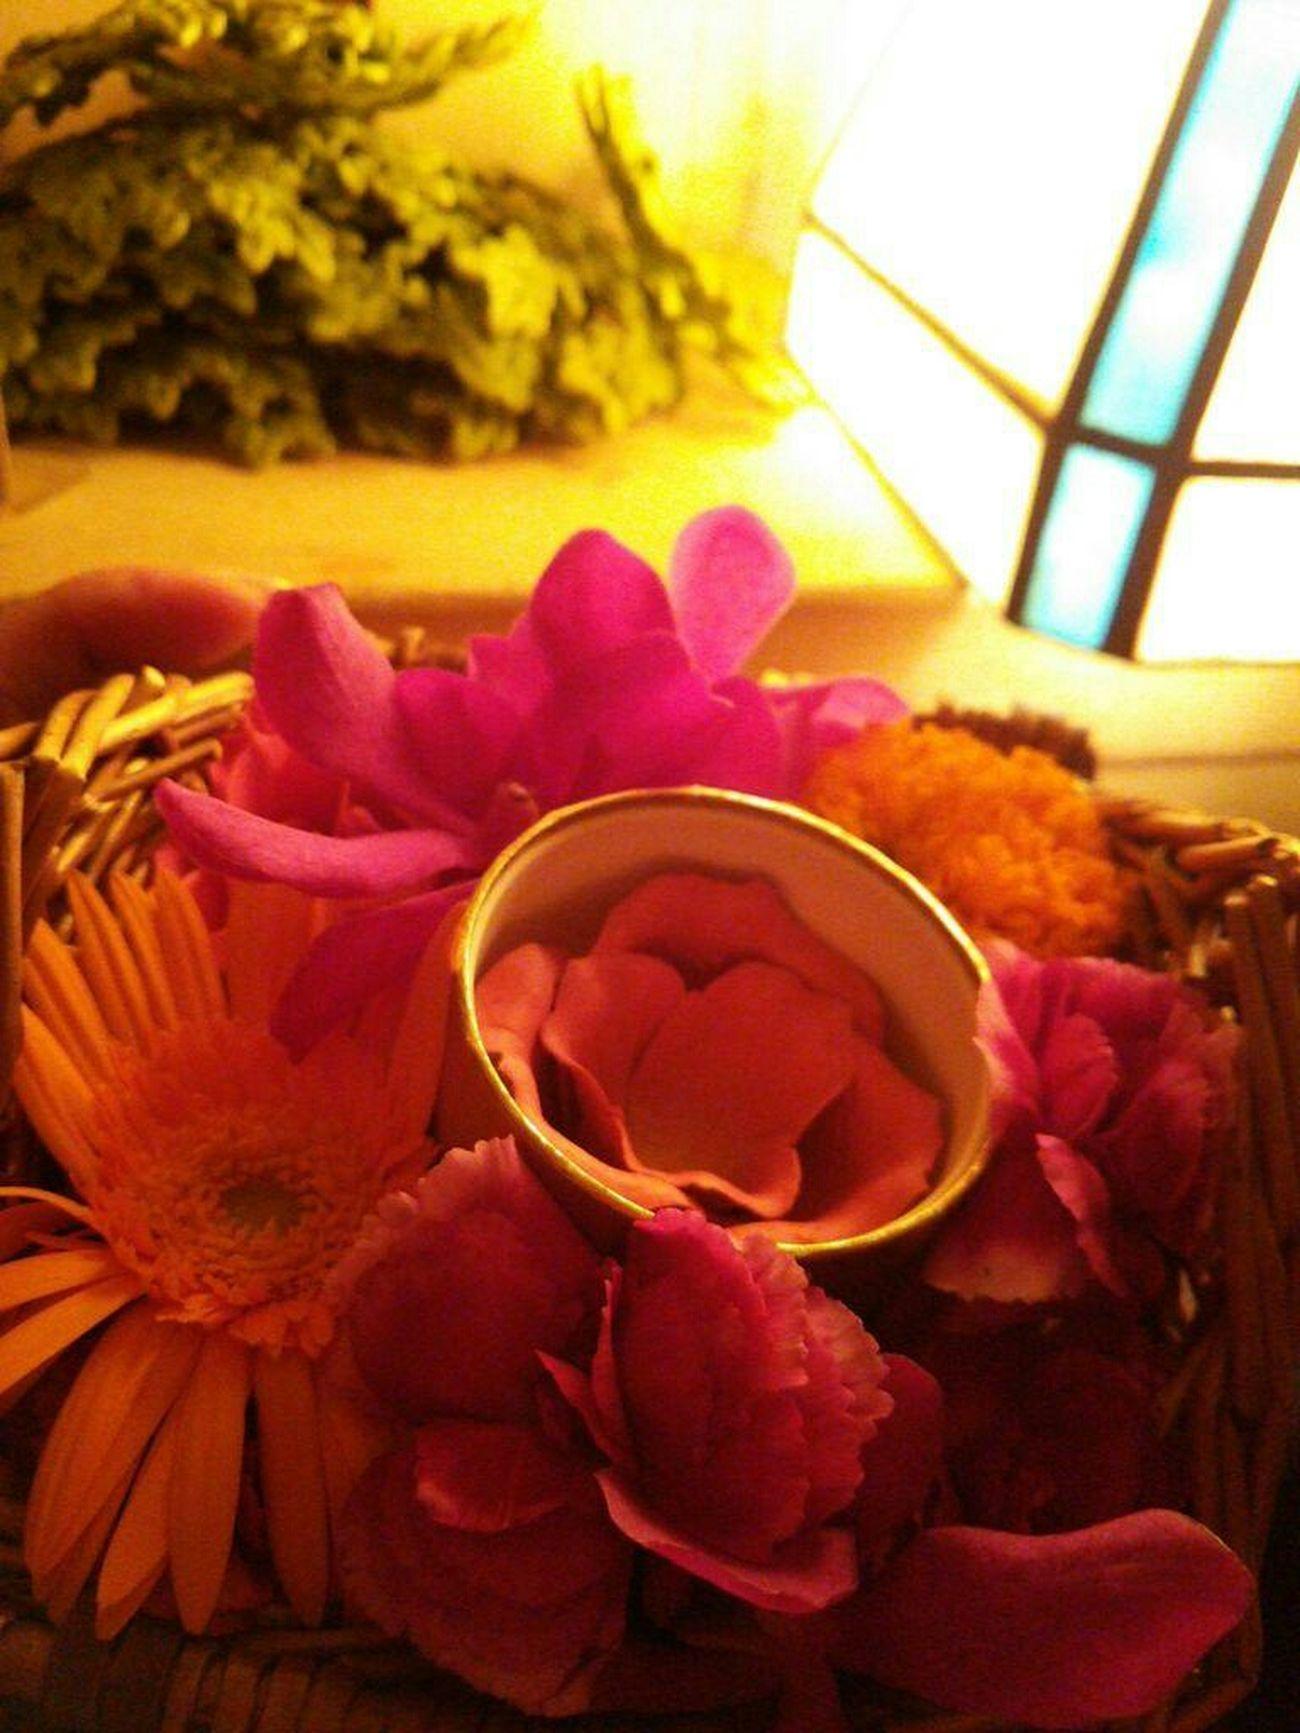 お花🌹 Flowers お花 暑い🔥☀ 体調😆👍